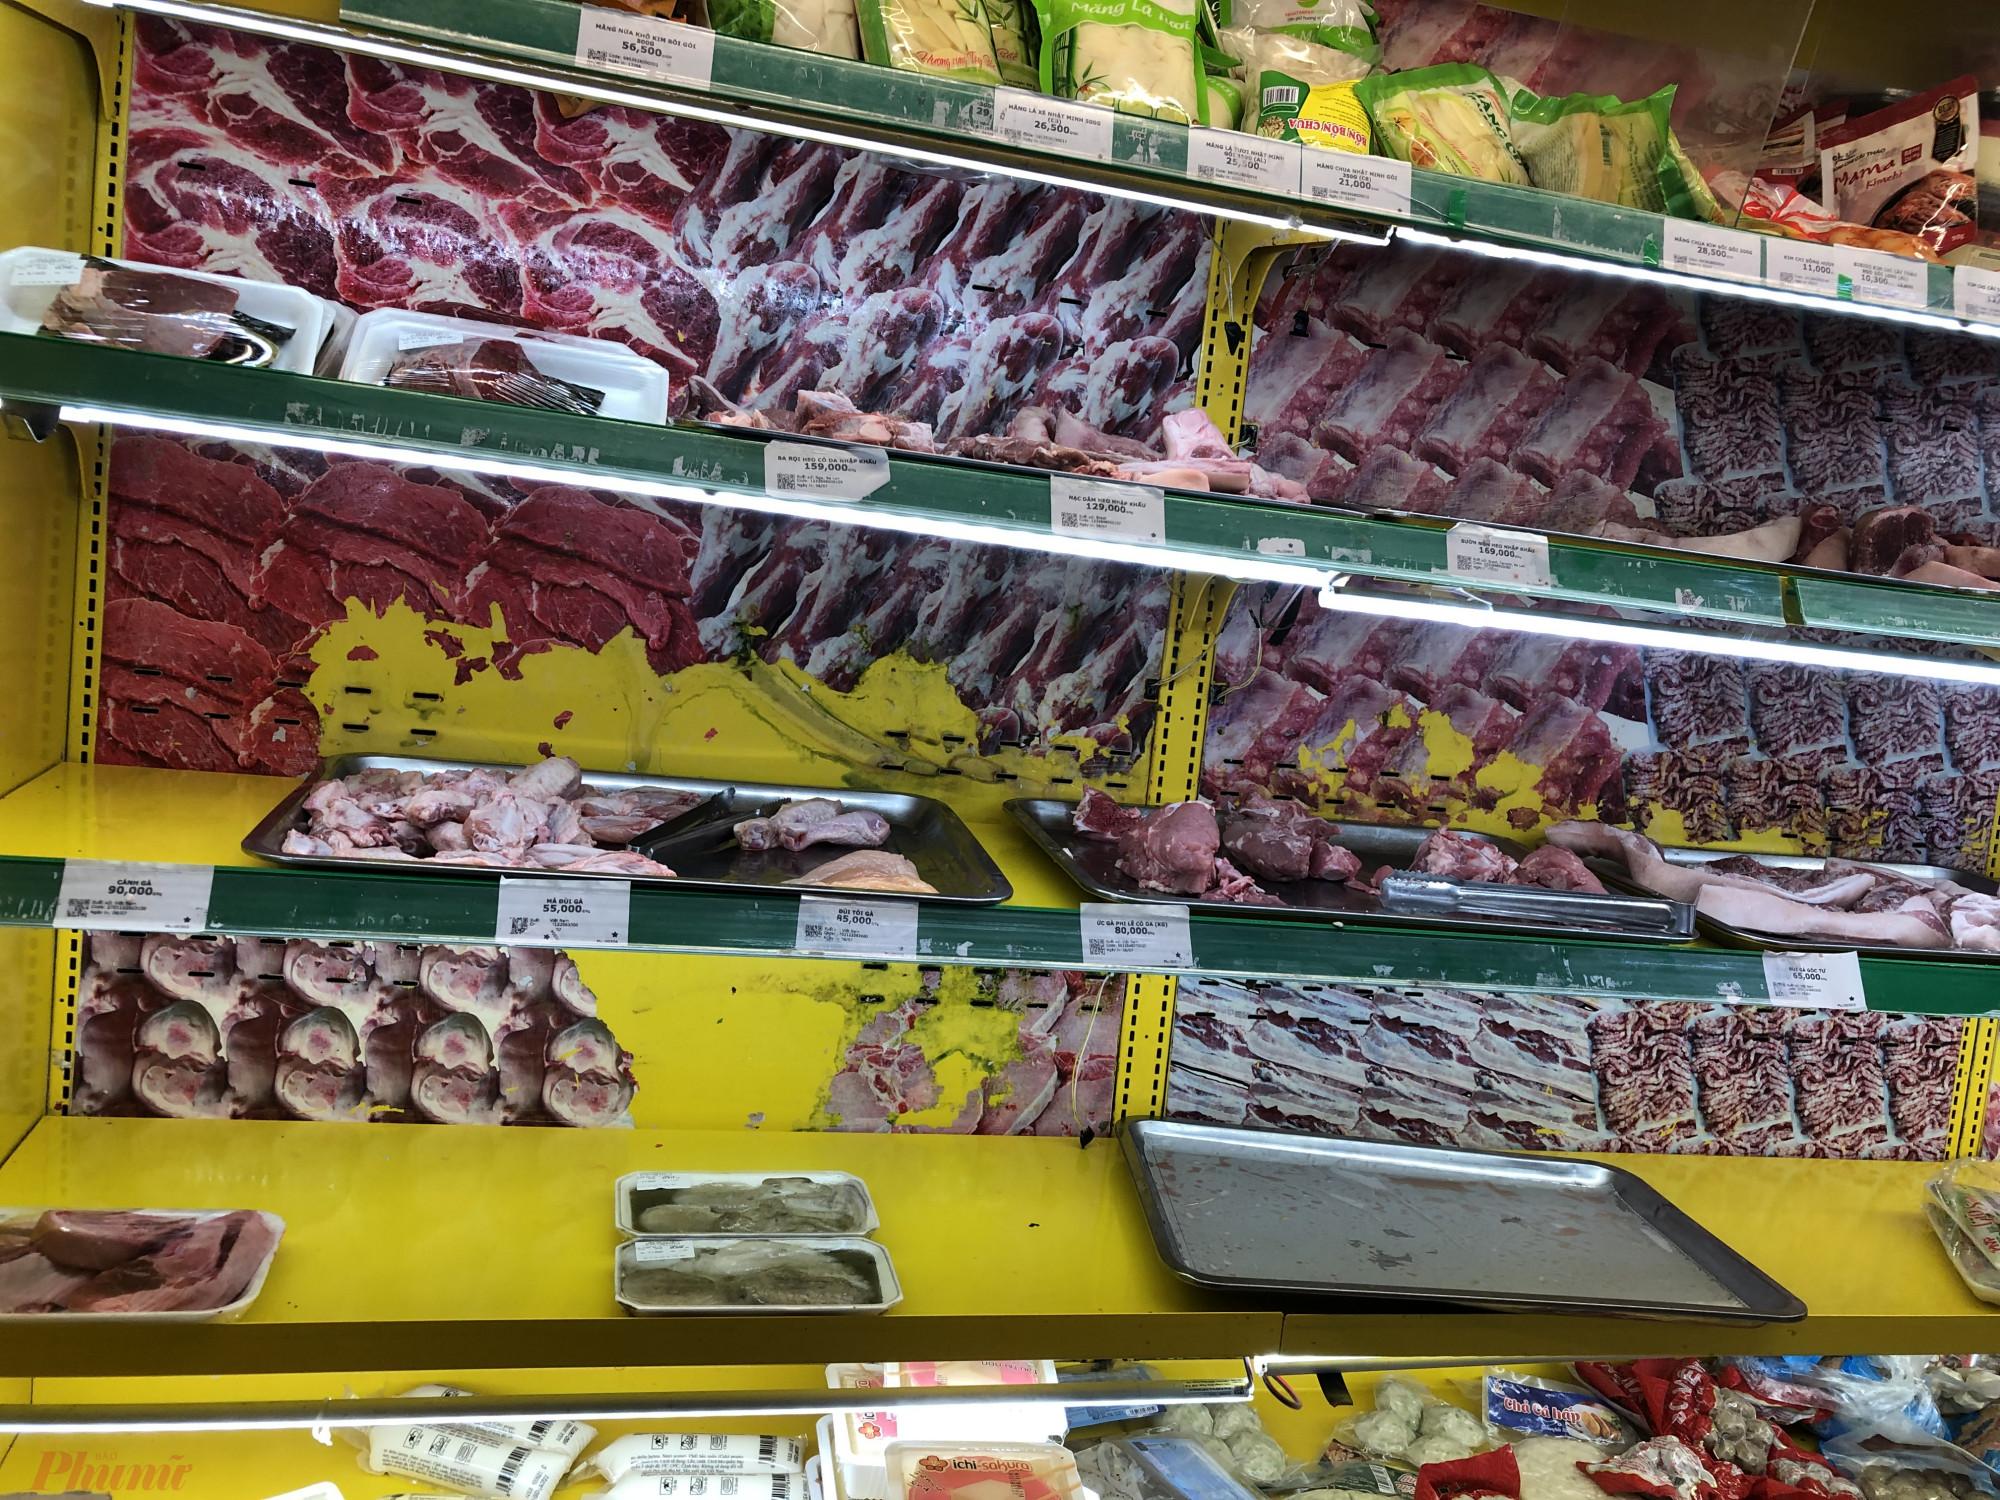 Quầy thịt  tại  Bách  Hoá  Xanh  đường  Võ Thành Trang (Q.Tân  Bình, TPHCM) thì cũng gần hết